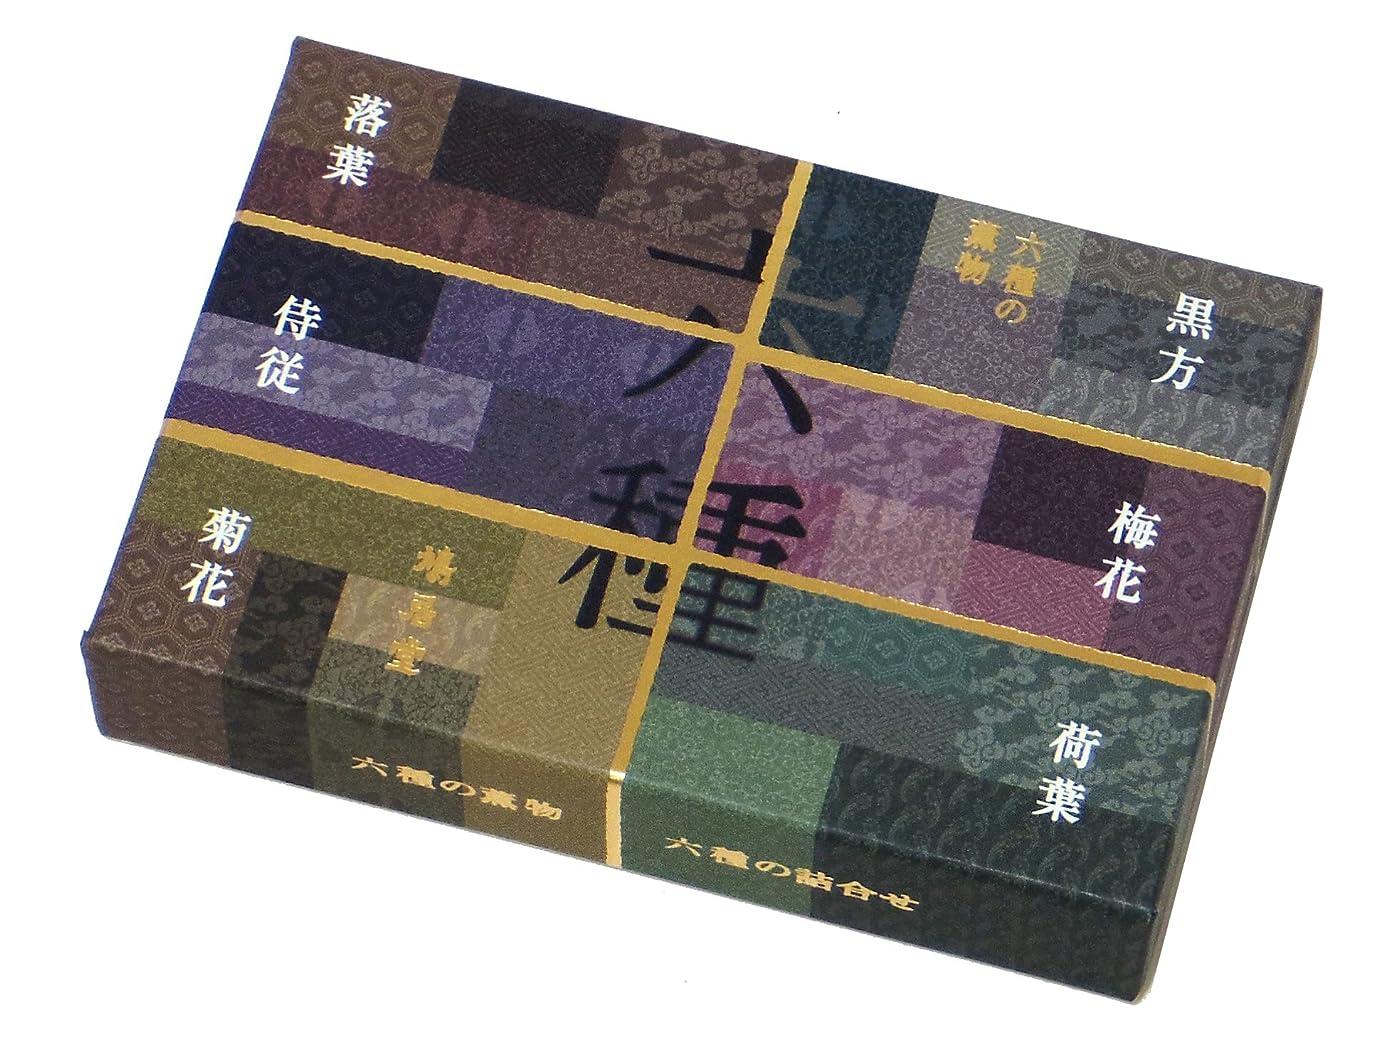 休日に磁器過半数鳩居堂のお香 六種の薫物6種セット 6種類各5本入 6cm 香立入